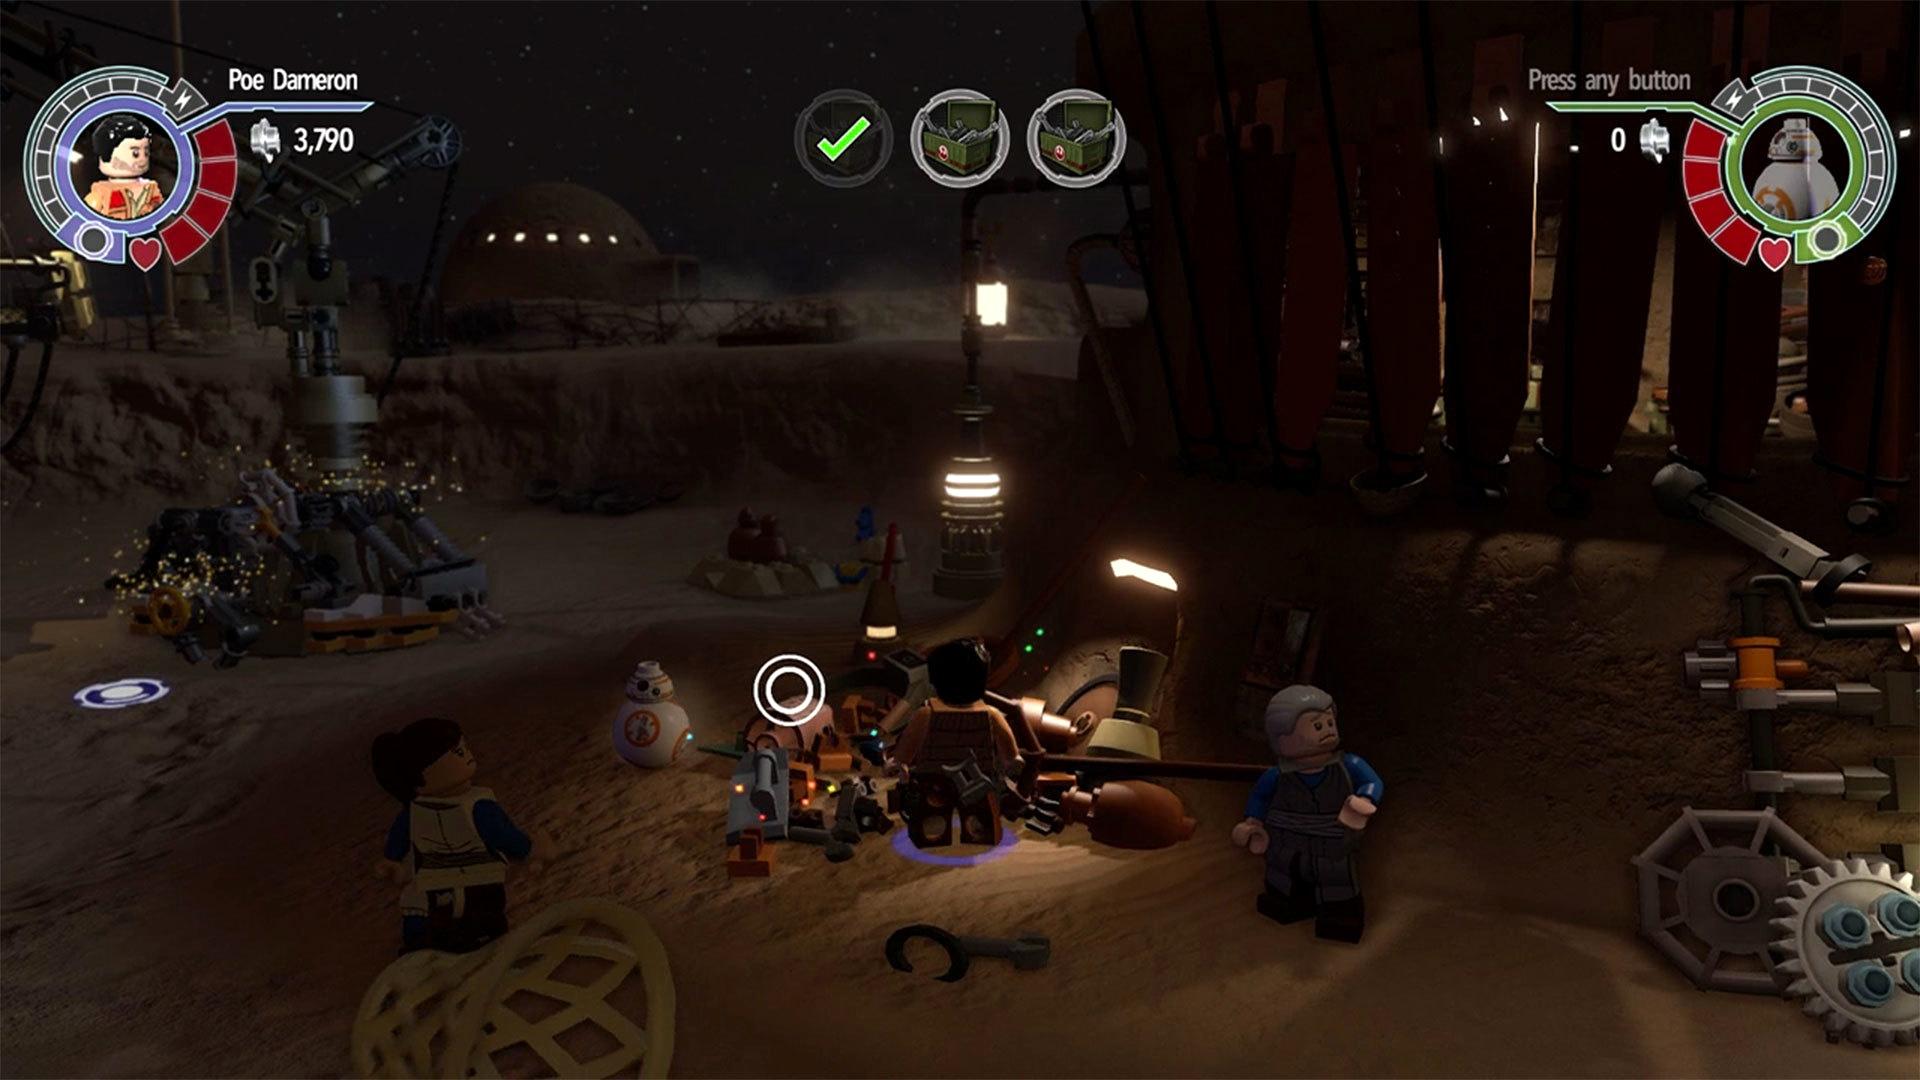 Лего игра звездные войны прохождения черепашки ниндзя видео игры 2003